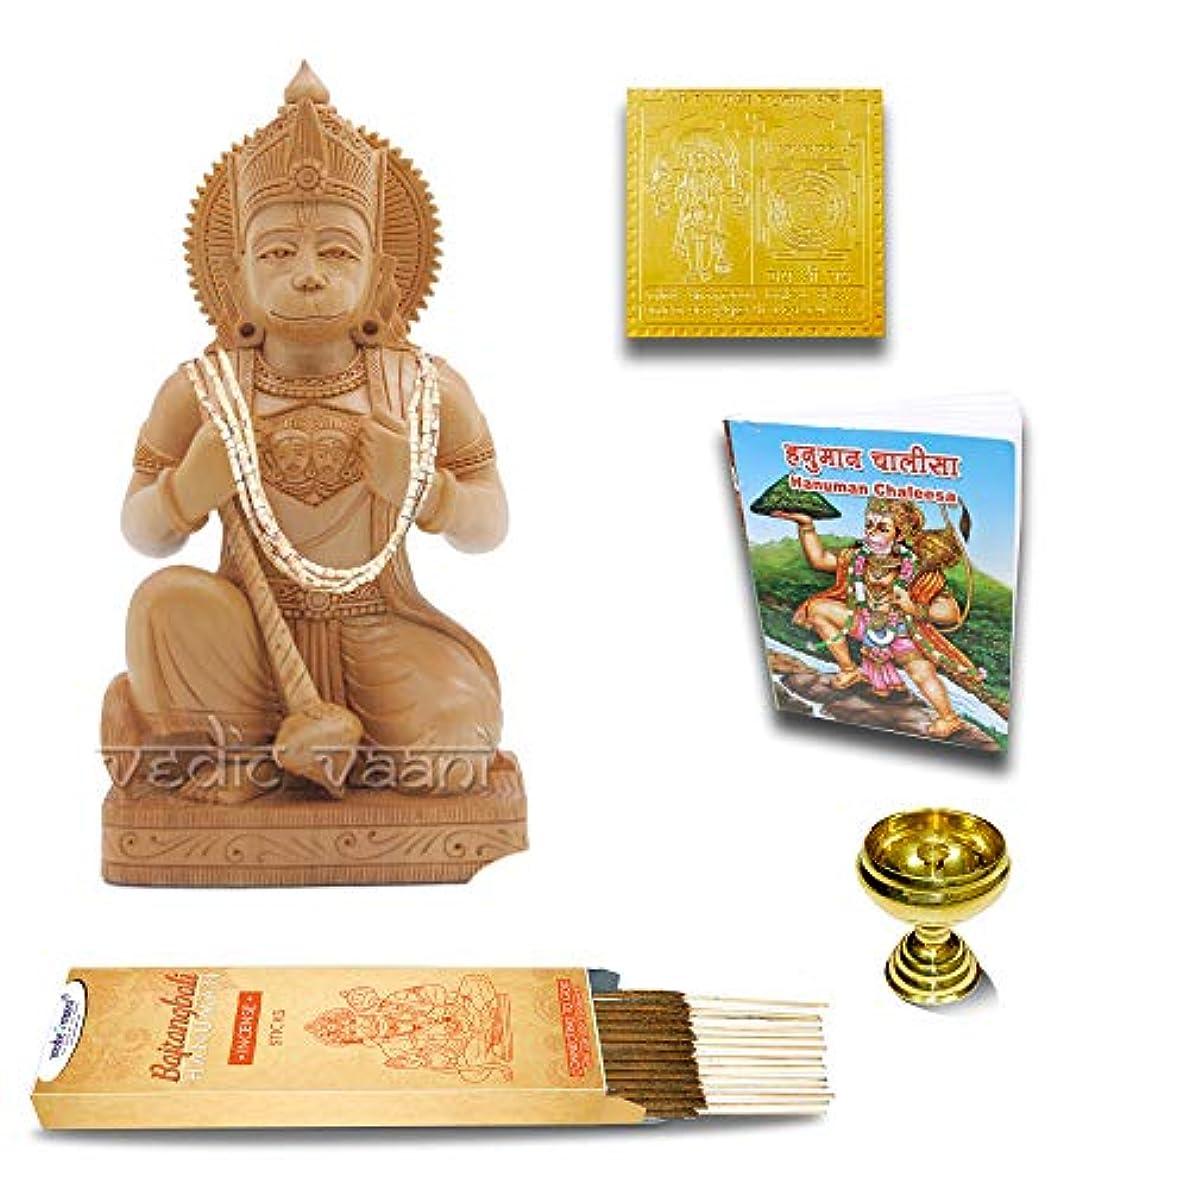 肉の誕生結果Vedic Vaani Ram Bhakat Hanuman 木製像 ヤントラ チャリサ ディヤ お香スティック付き 100gm